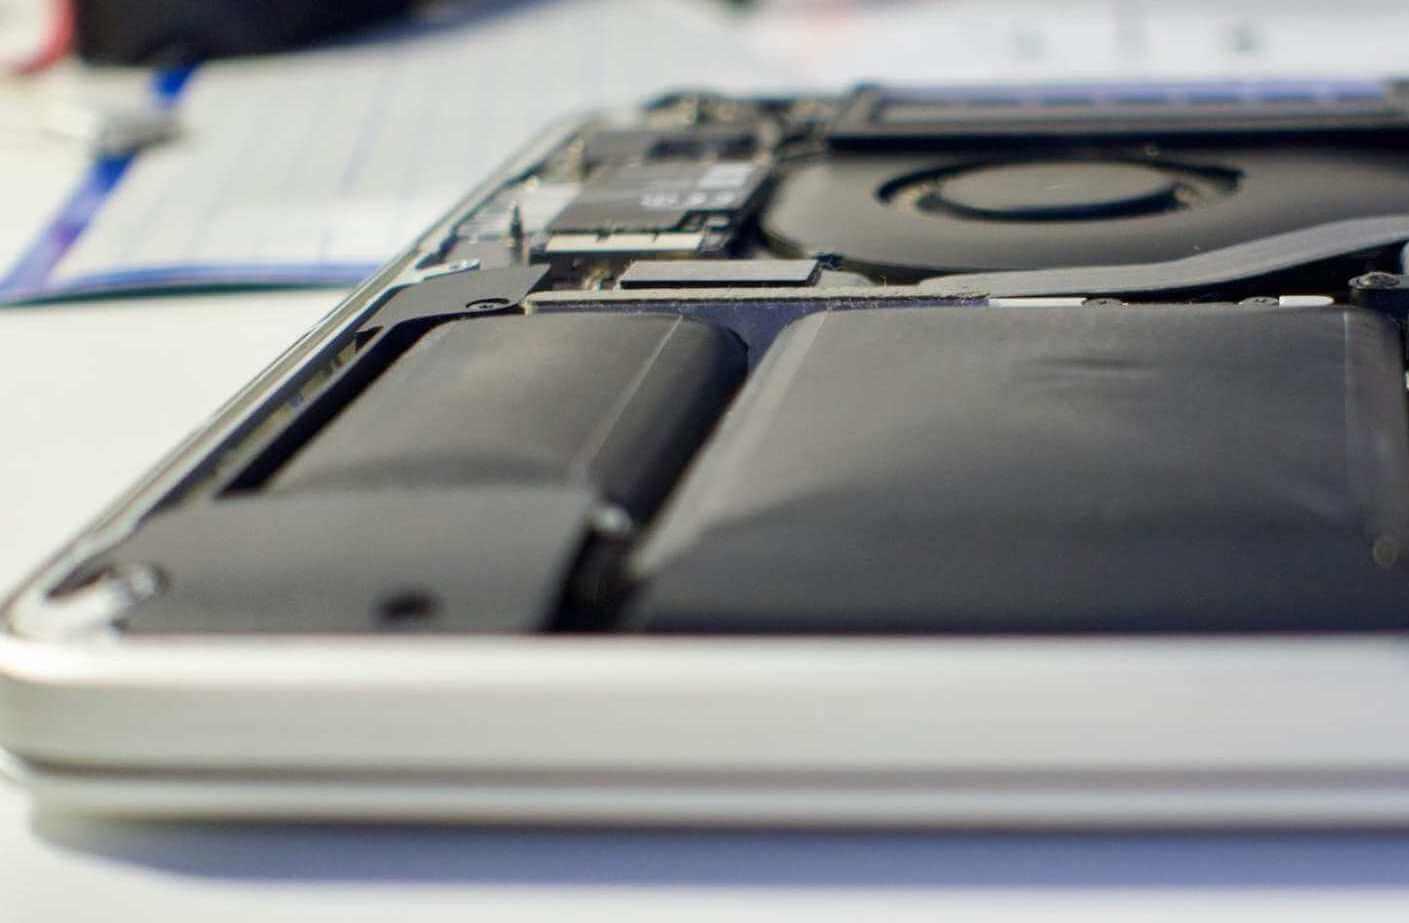 Как понять, что у MacBook вздулась батарея и чем это опасно